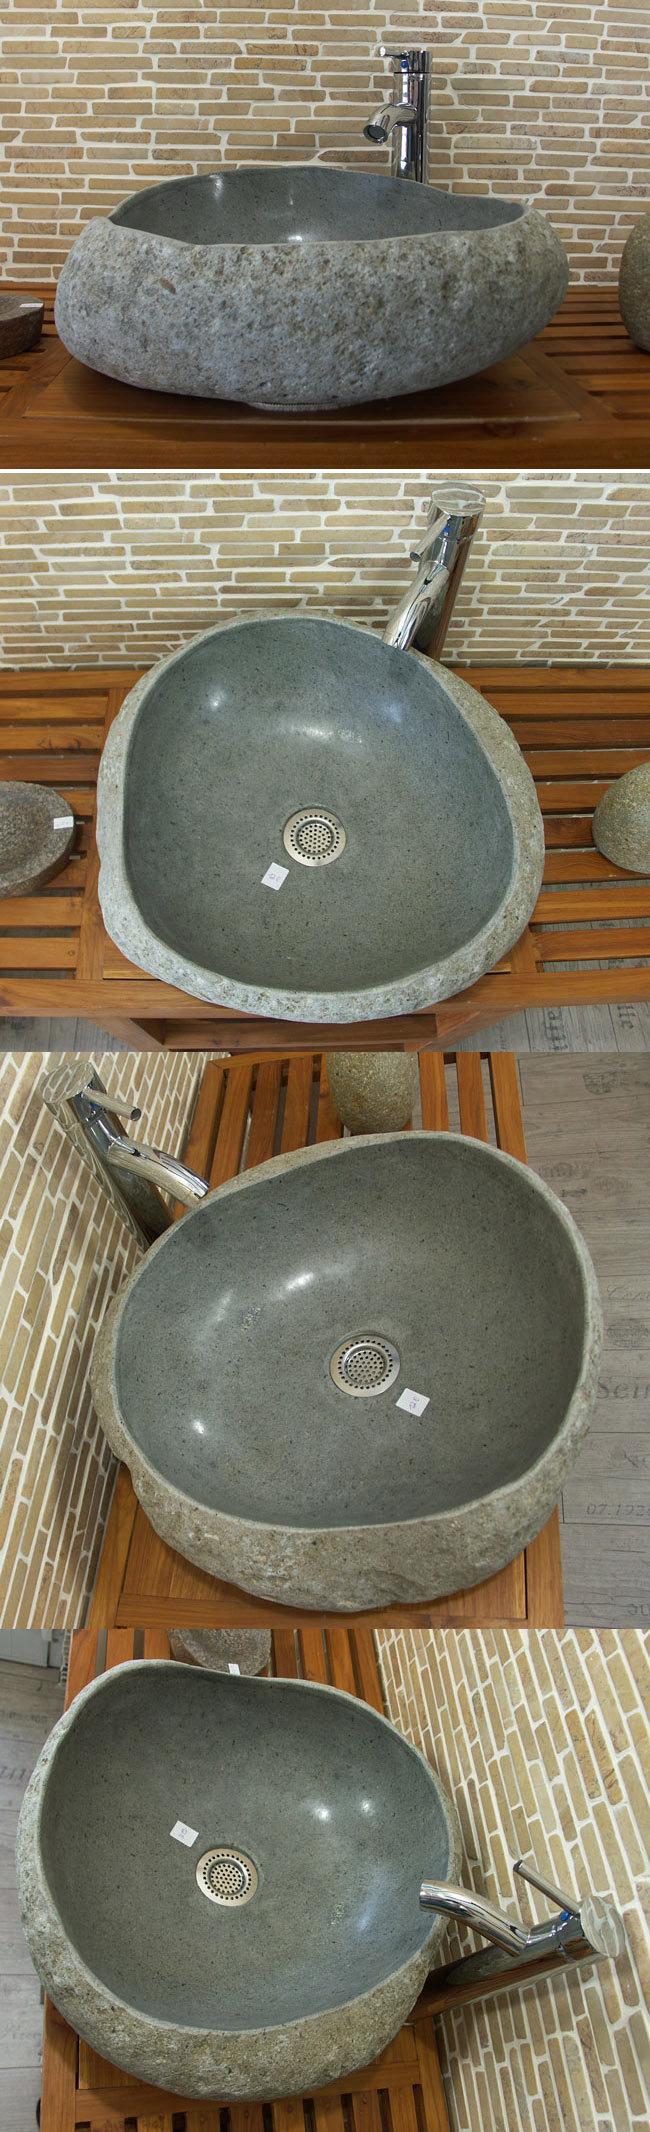 waschbecken aus flussstein bafs 12e ein unikat f r ihr bad. Black Bedroom Furniture Sets. Home Design Ideas